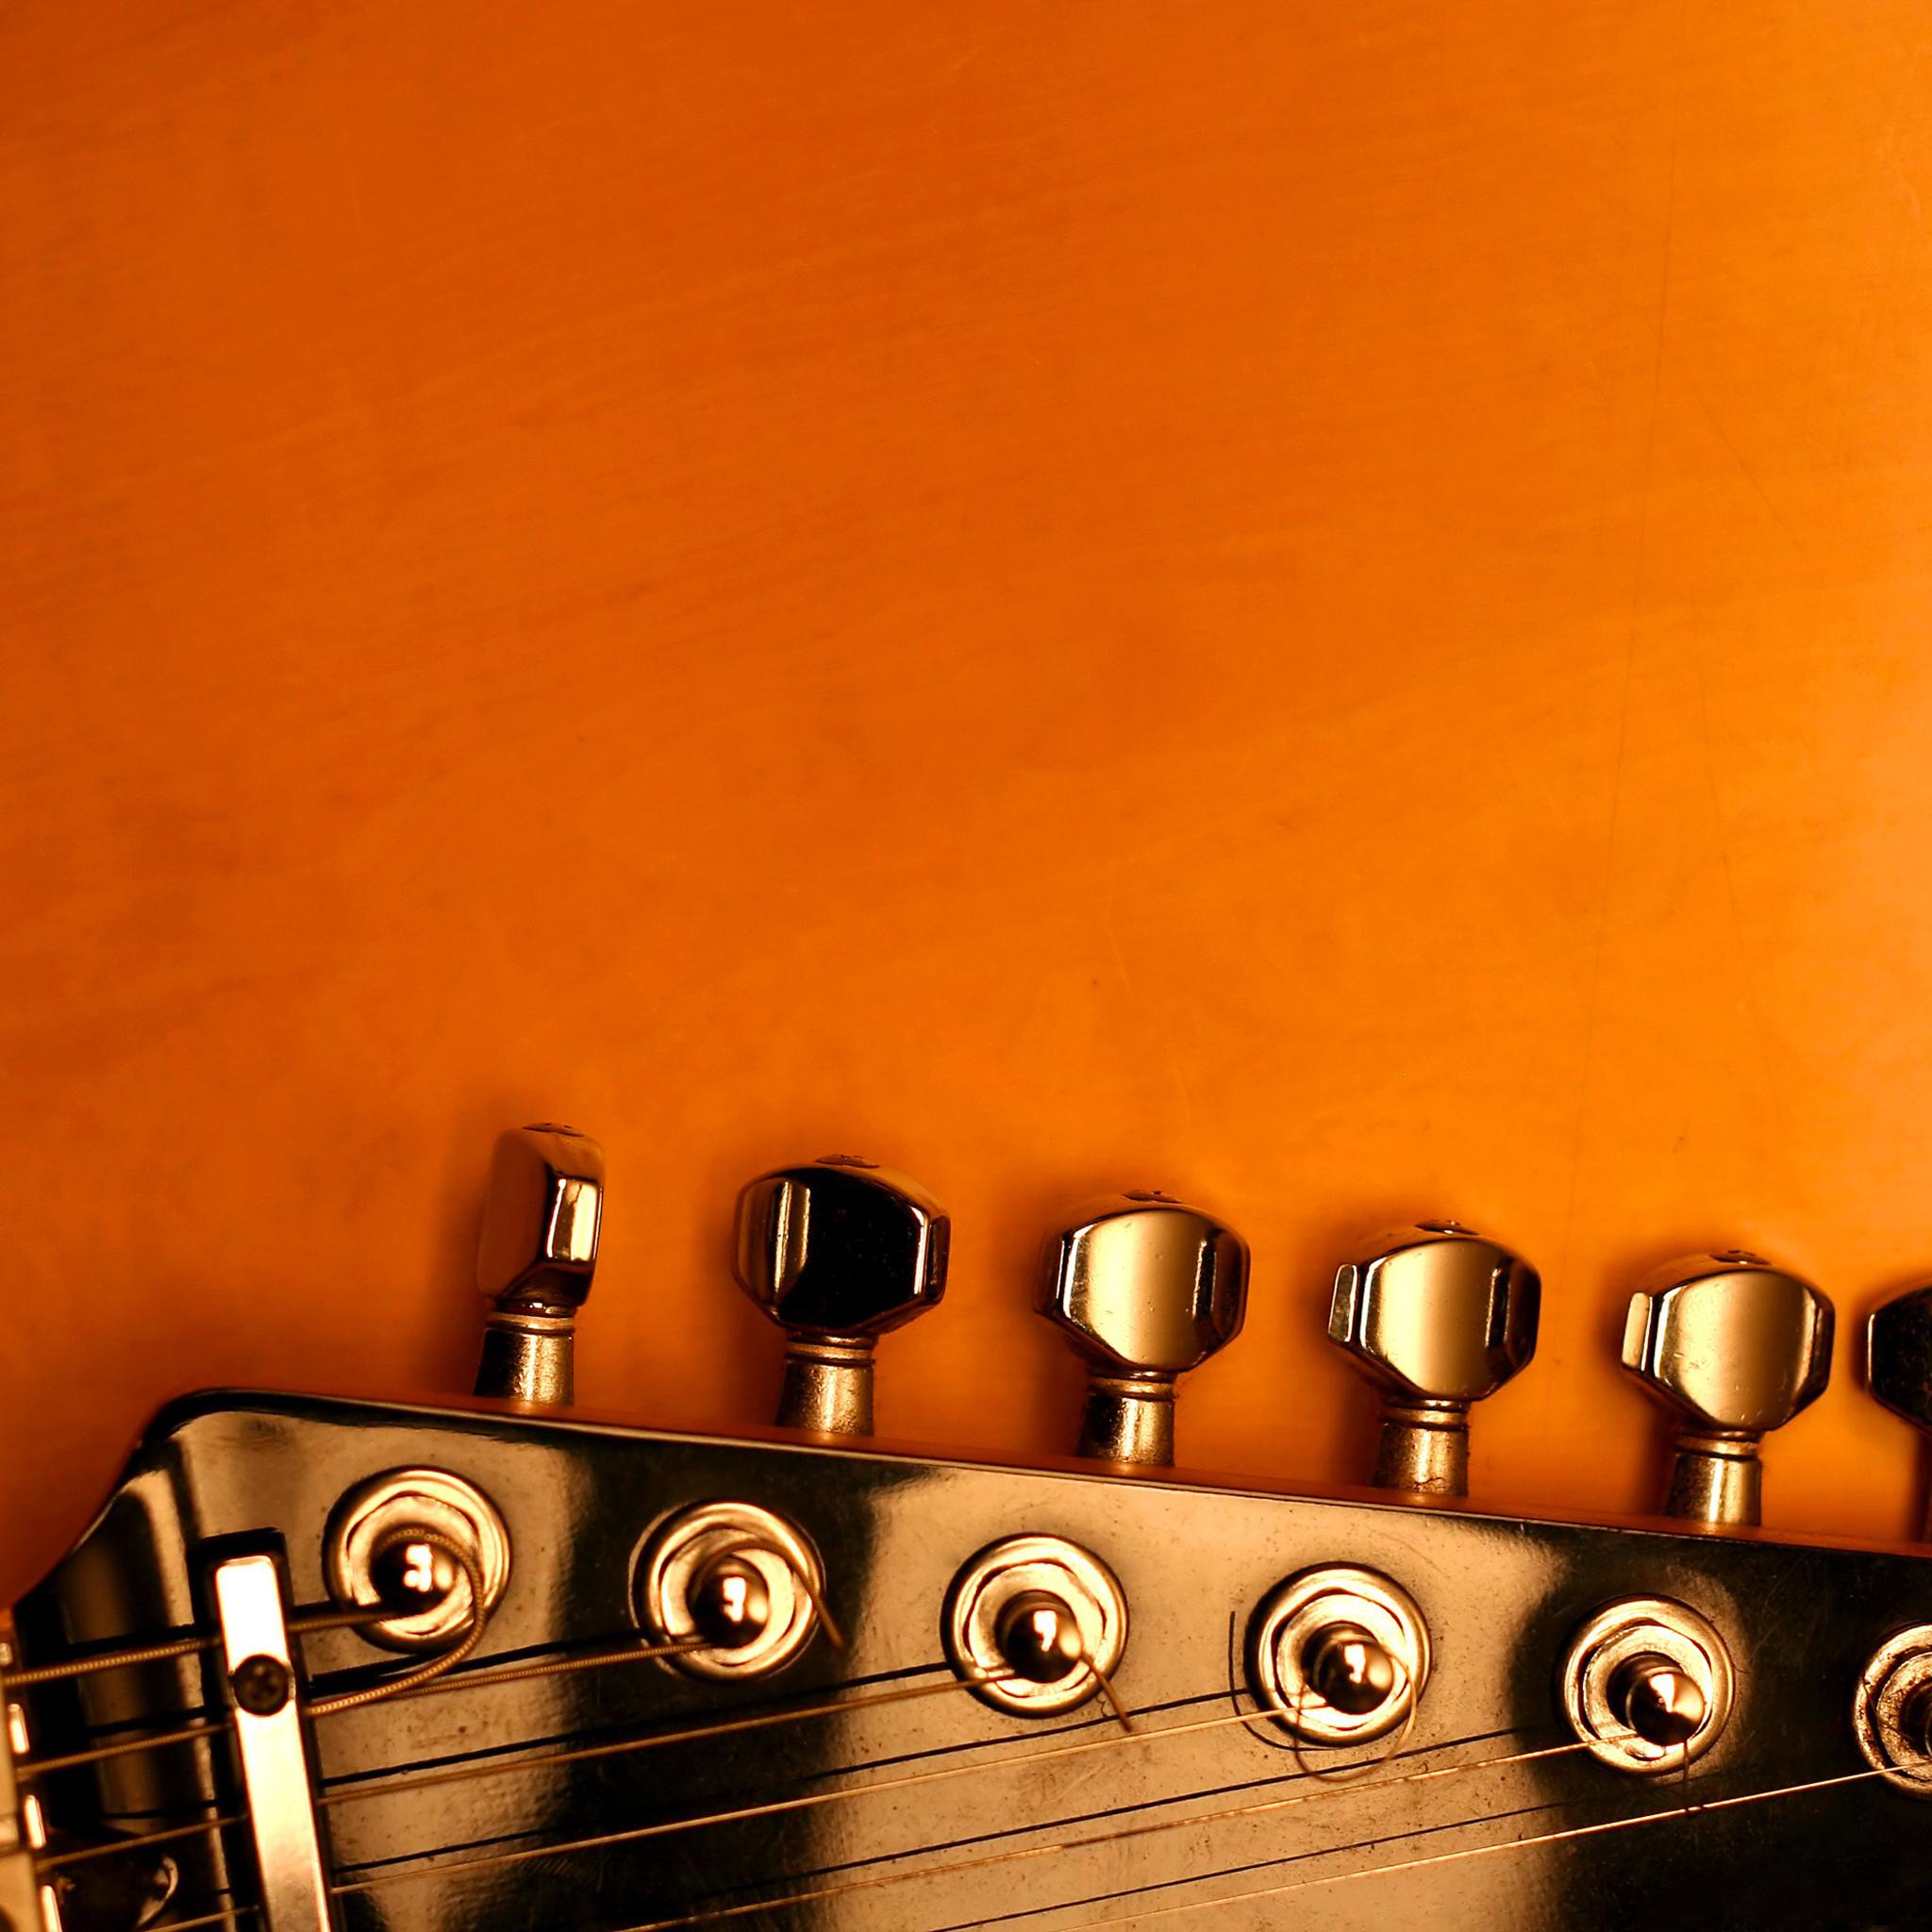 С днем рождения открытка мужчине гитара, христианские хорошего дня